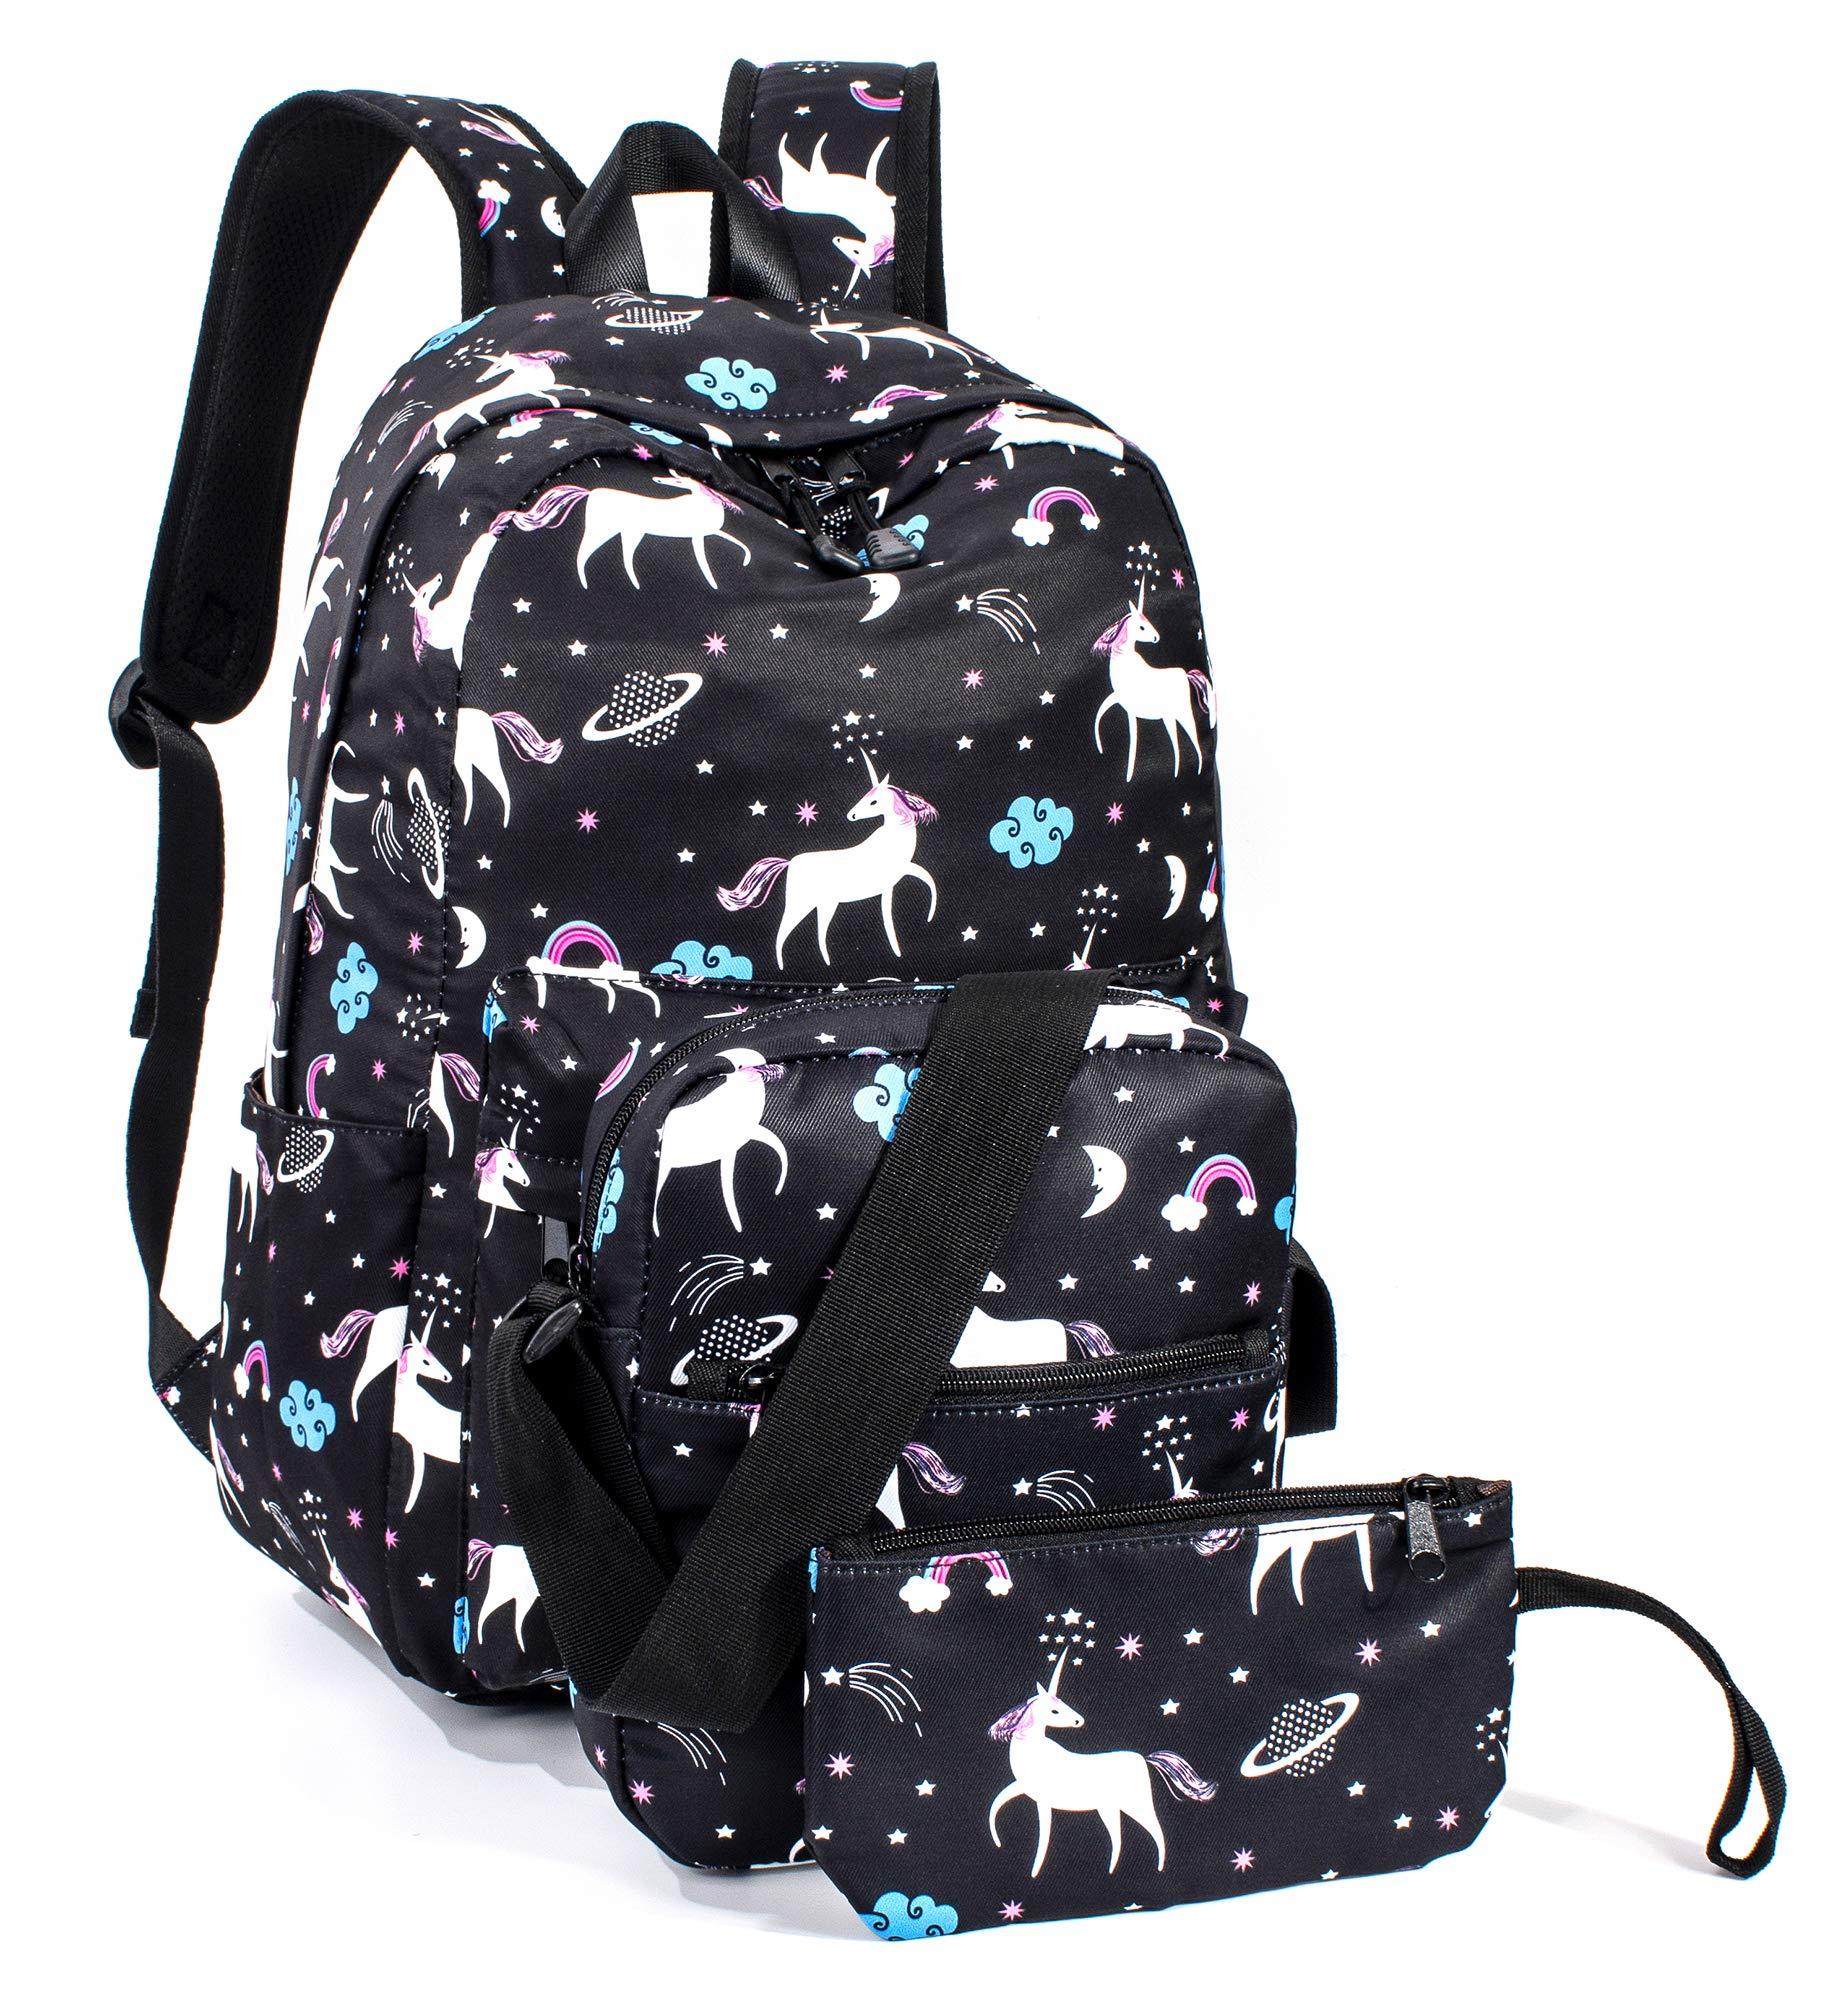 Leaper Unicorn Backpack for Girls Laptop Backpack School Bag Travel Daypack Bookbag Shoulder Bag Pencil Case Black